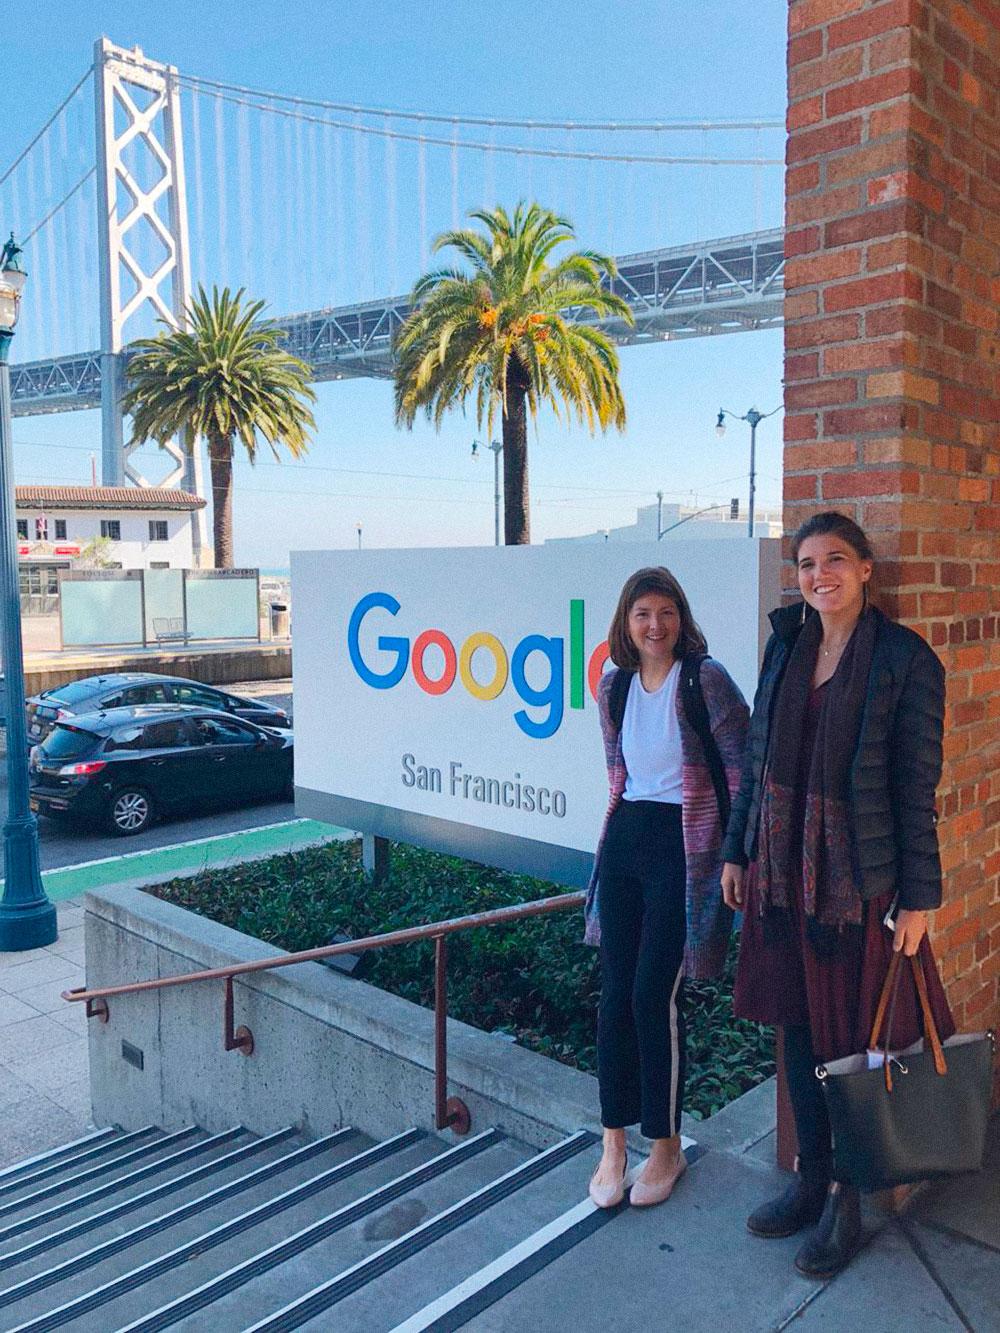 Во время учебы мы посещали различные компании. Например, ездили в офис Гугла в Сан-Франциско